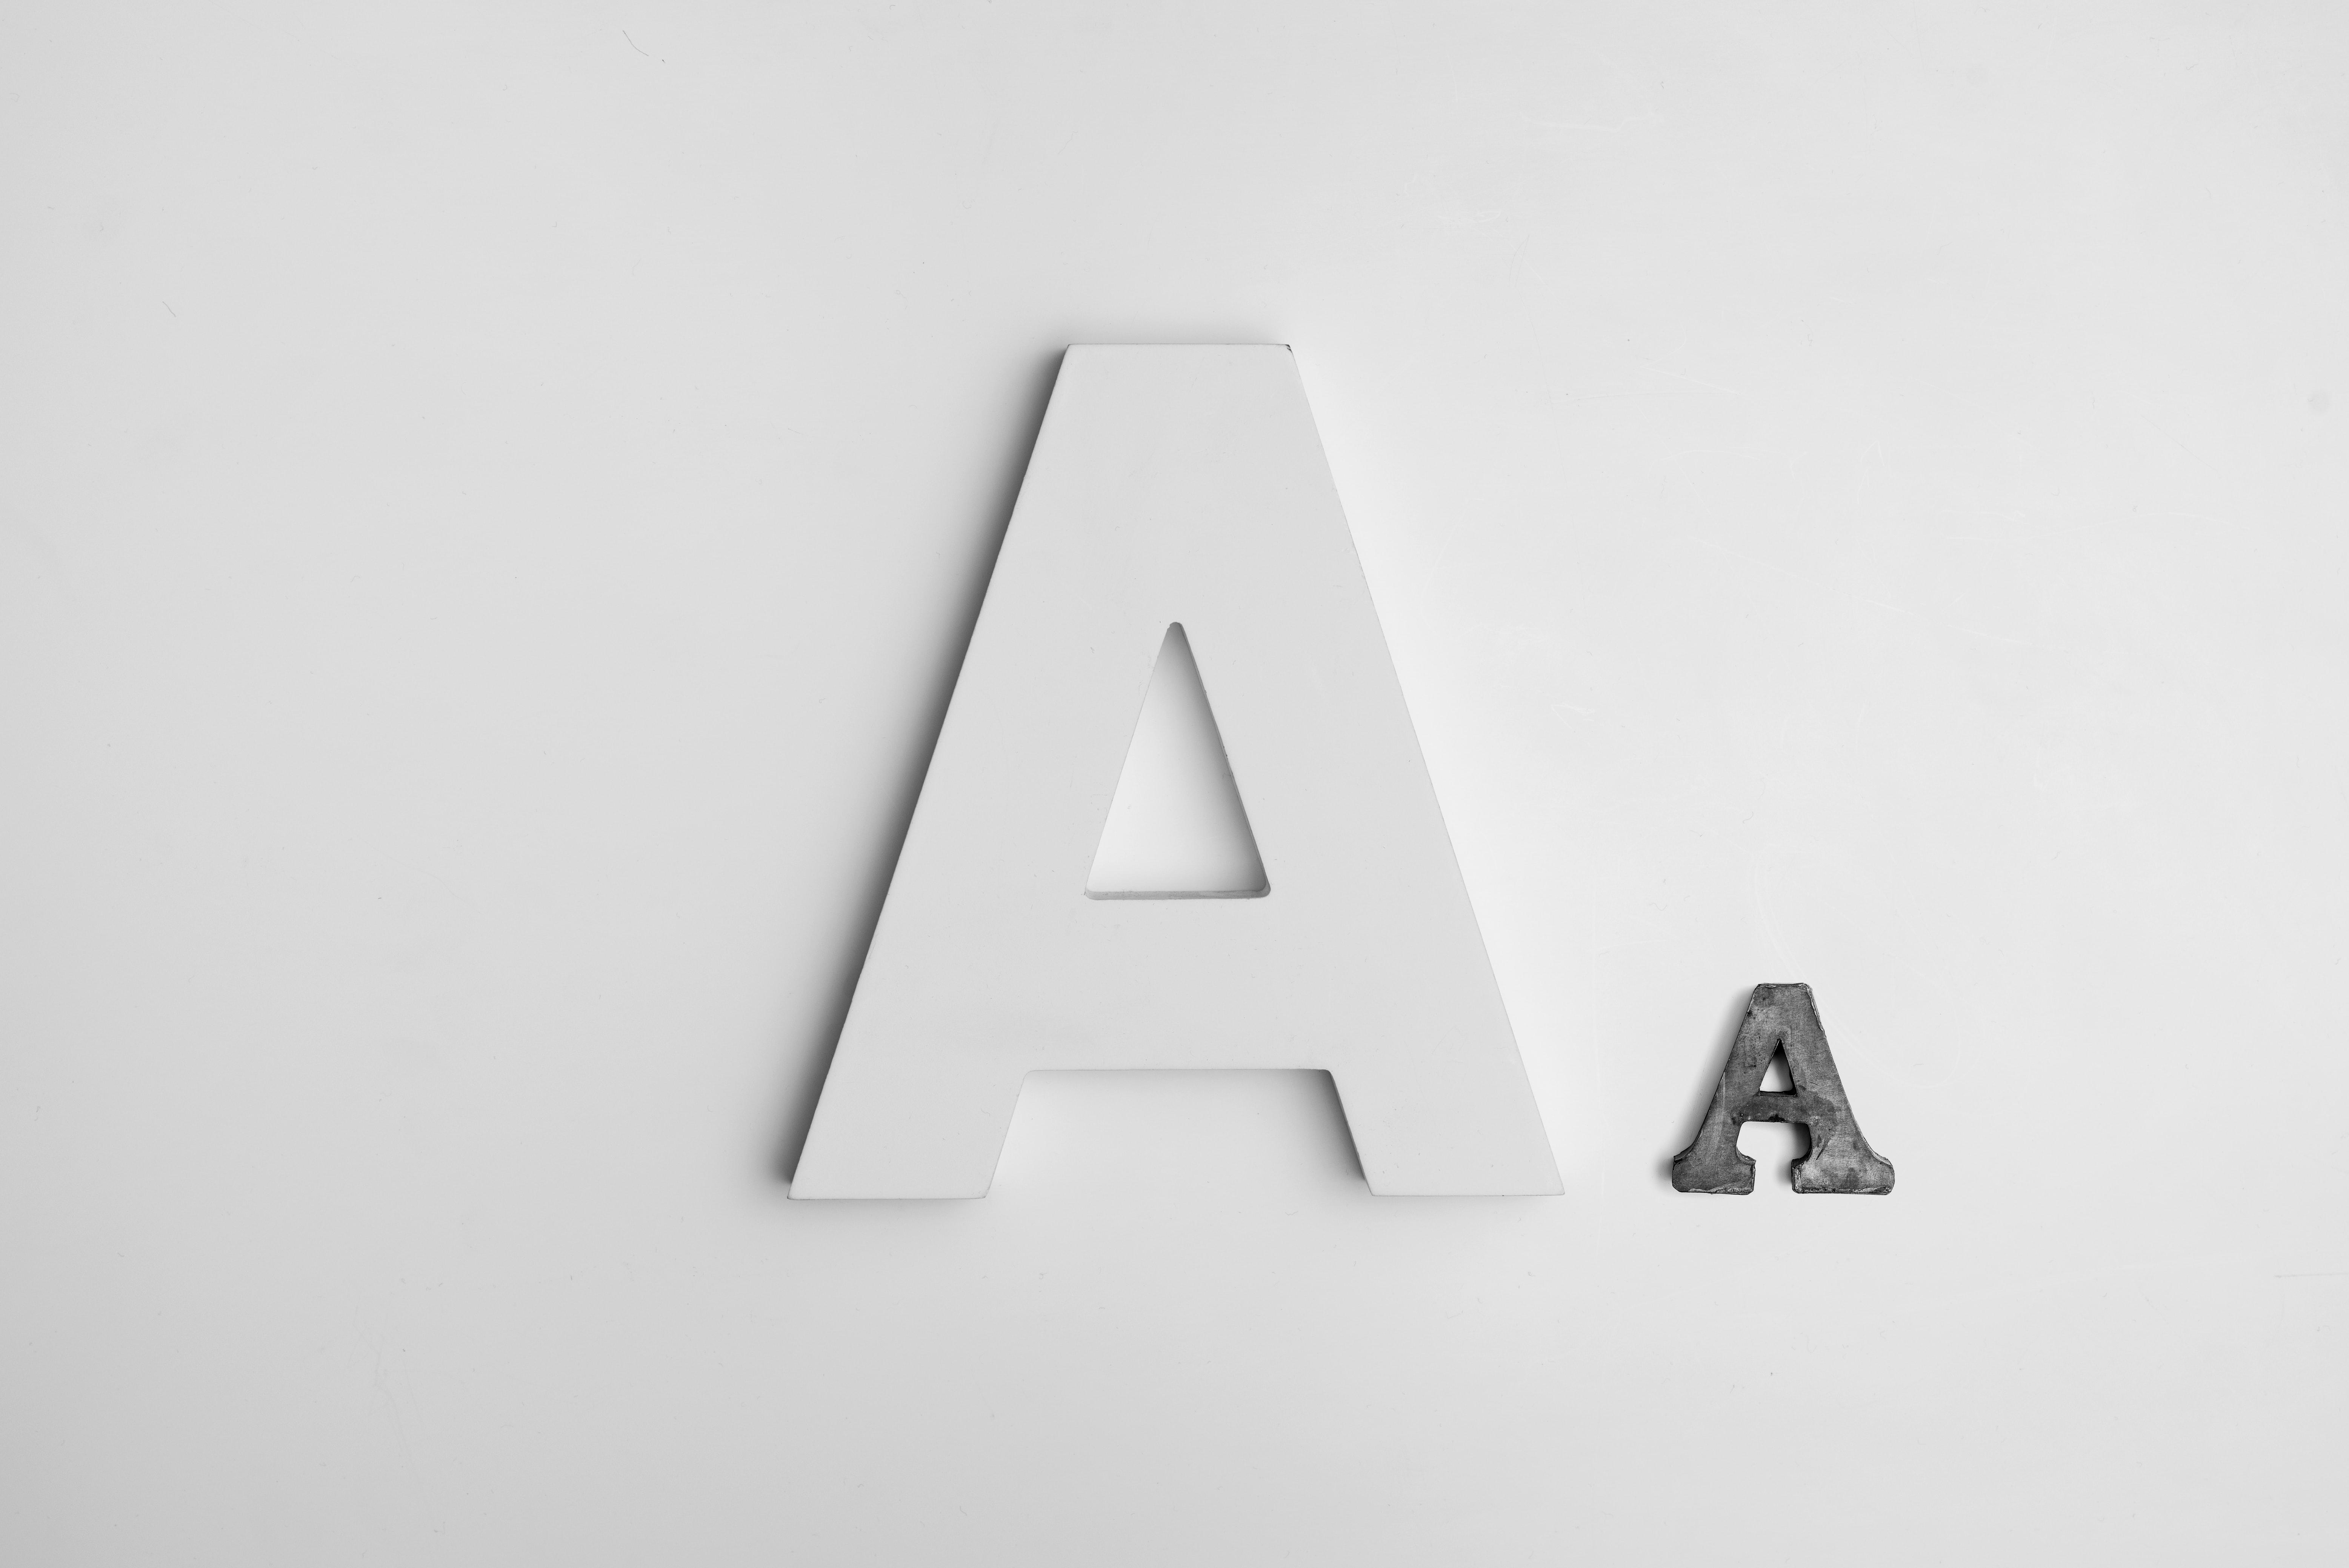 4 dicas para escolher a melhor fonte de logotipo designe